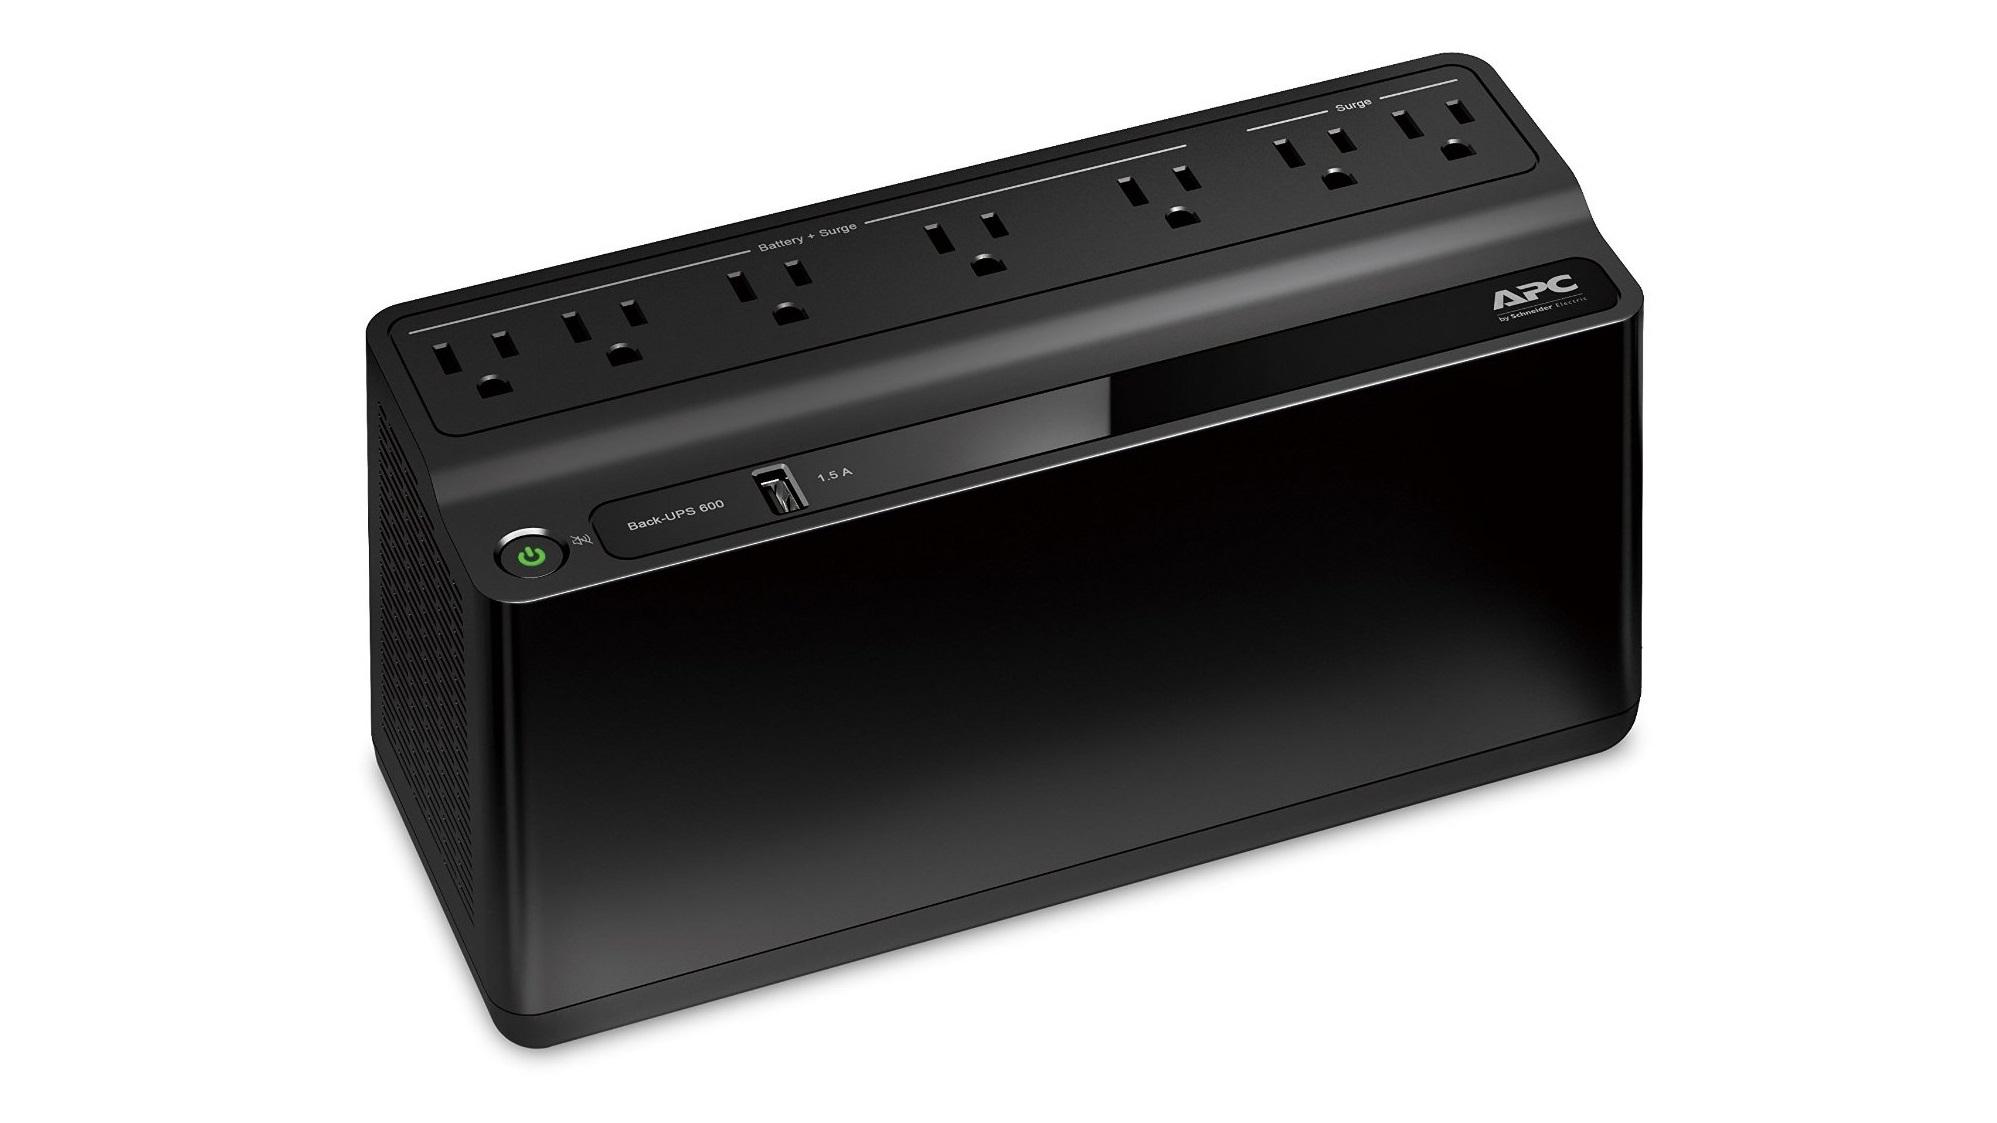 APC BE600M1 Back-UPS 600VA